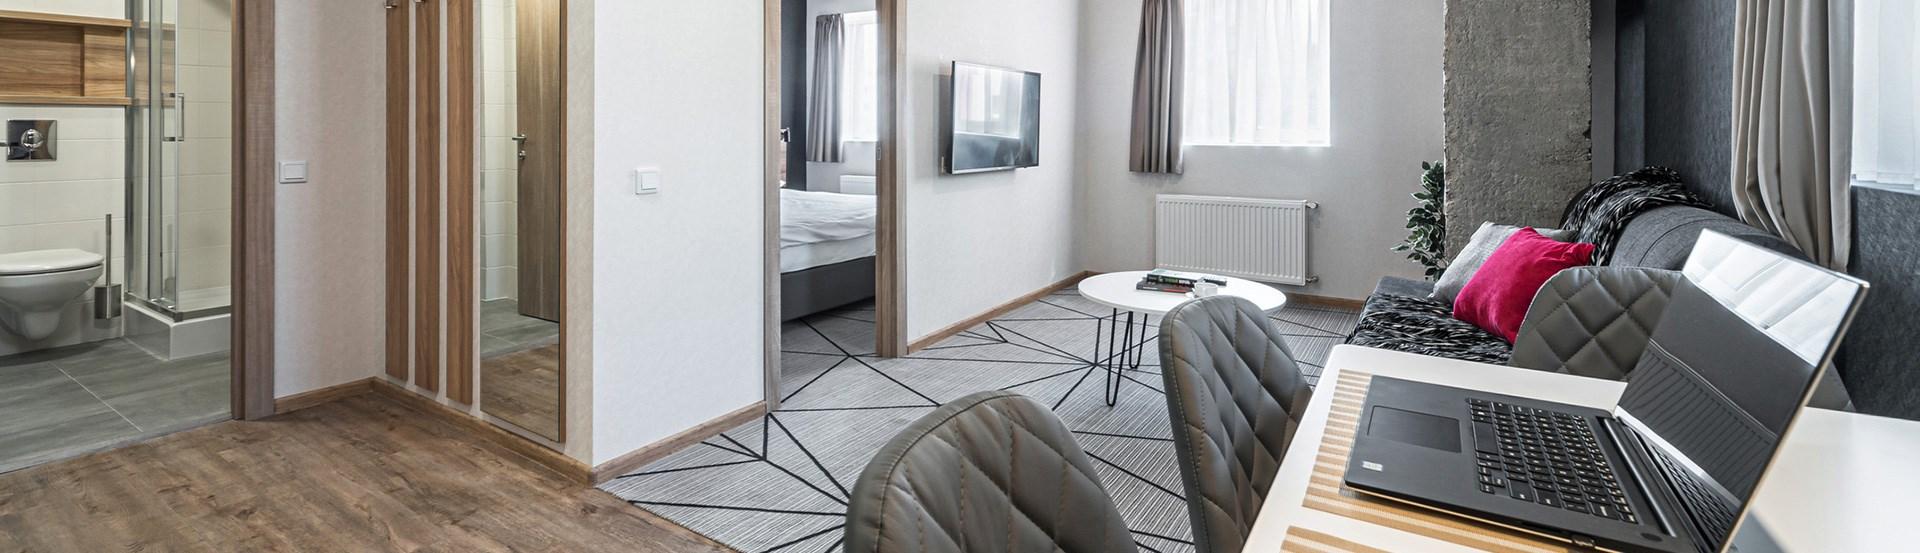 Amarant Apart Hotel Kiev